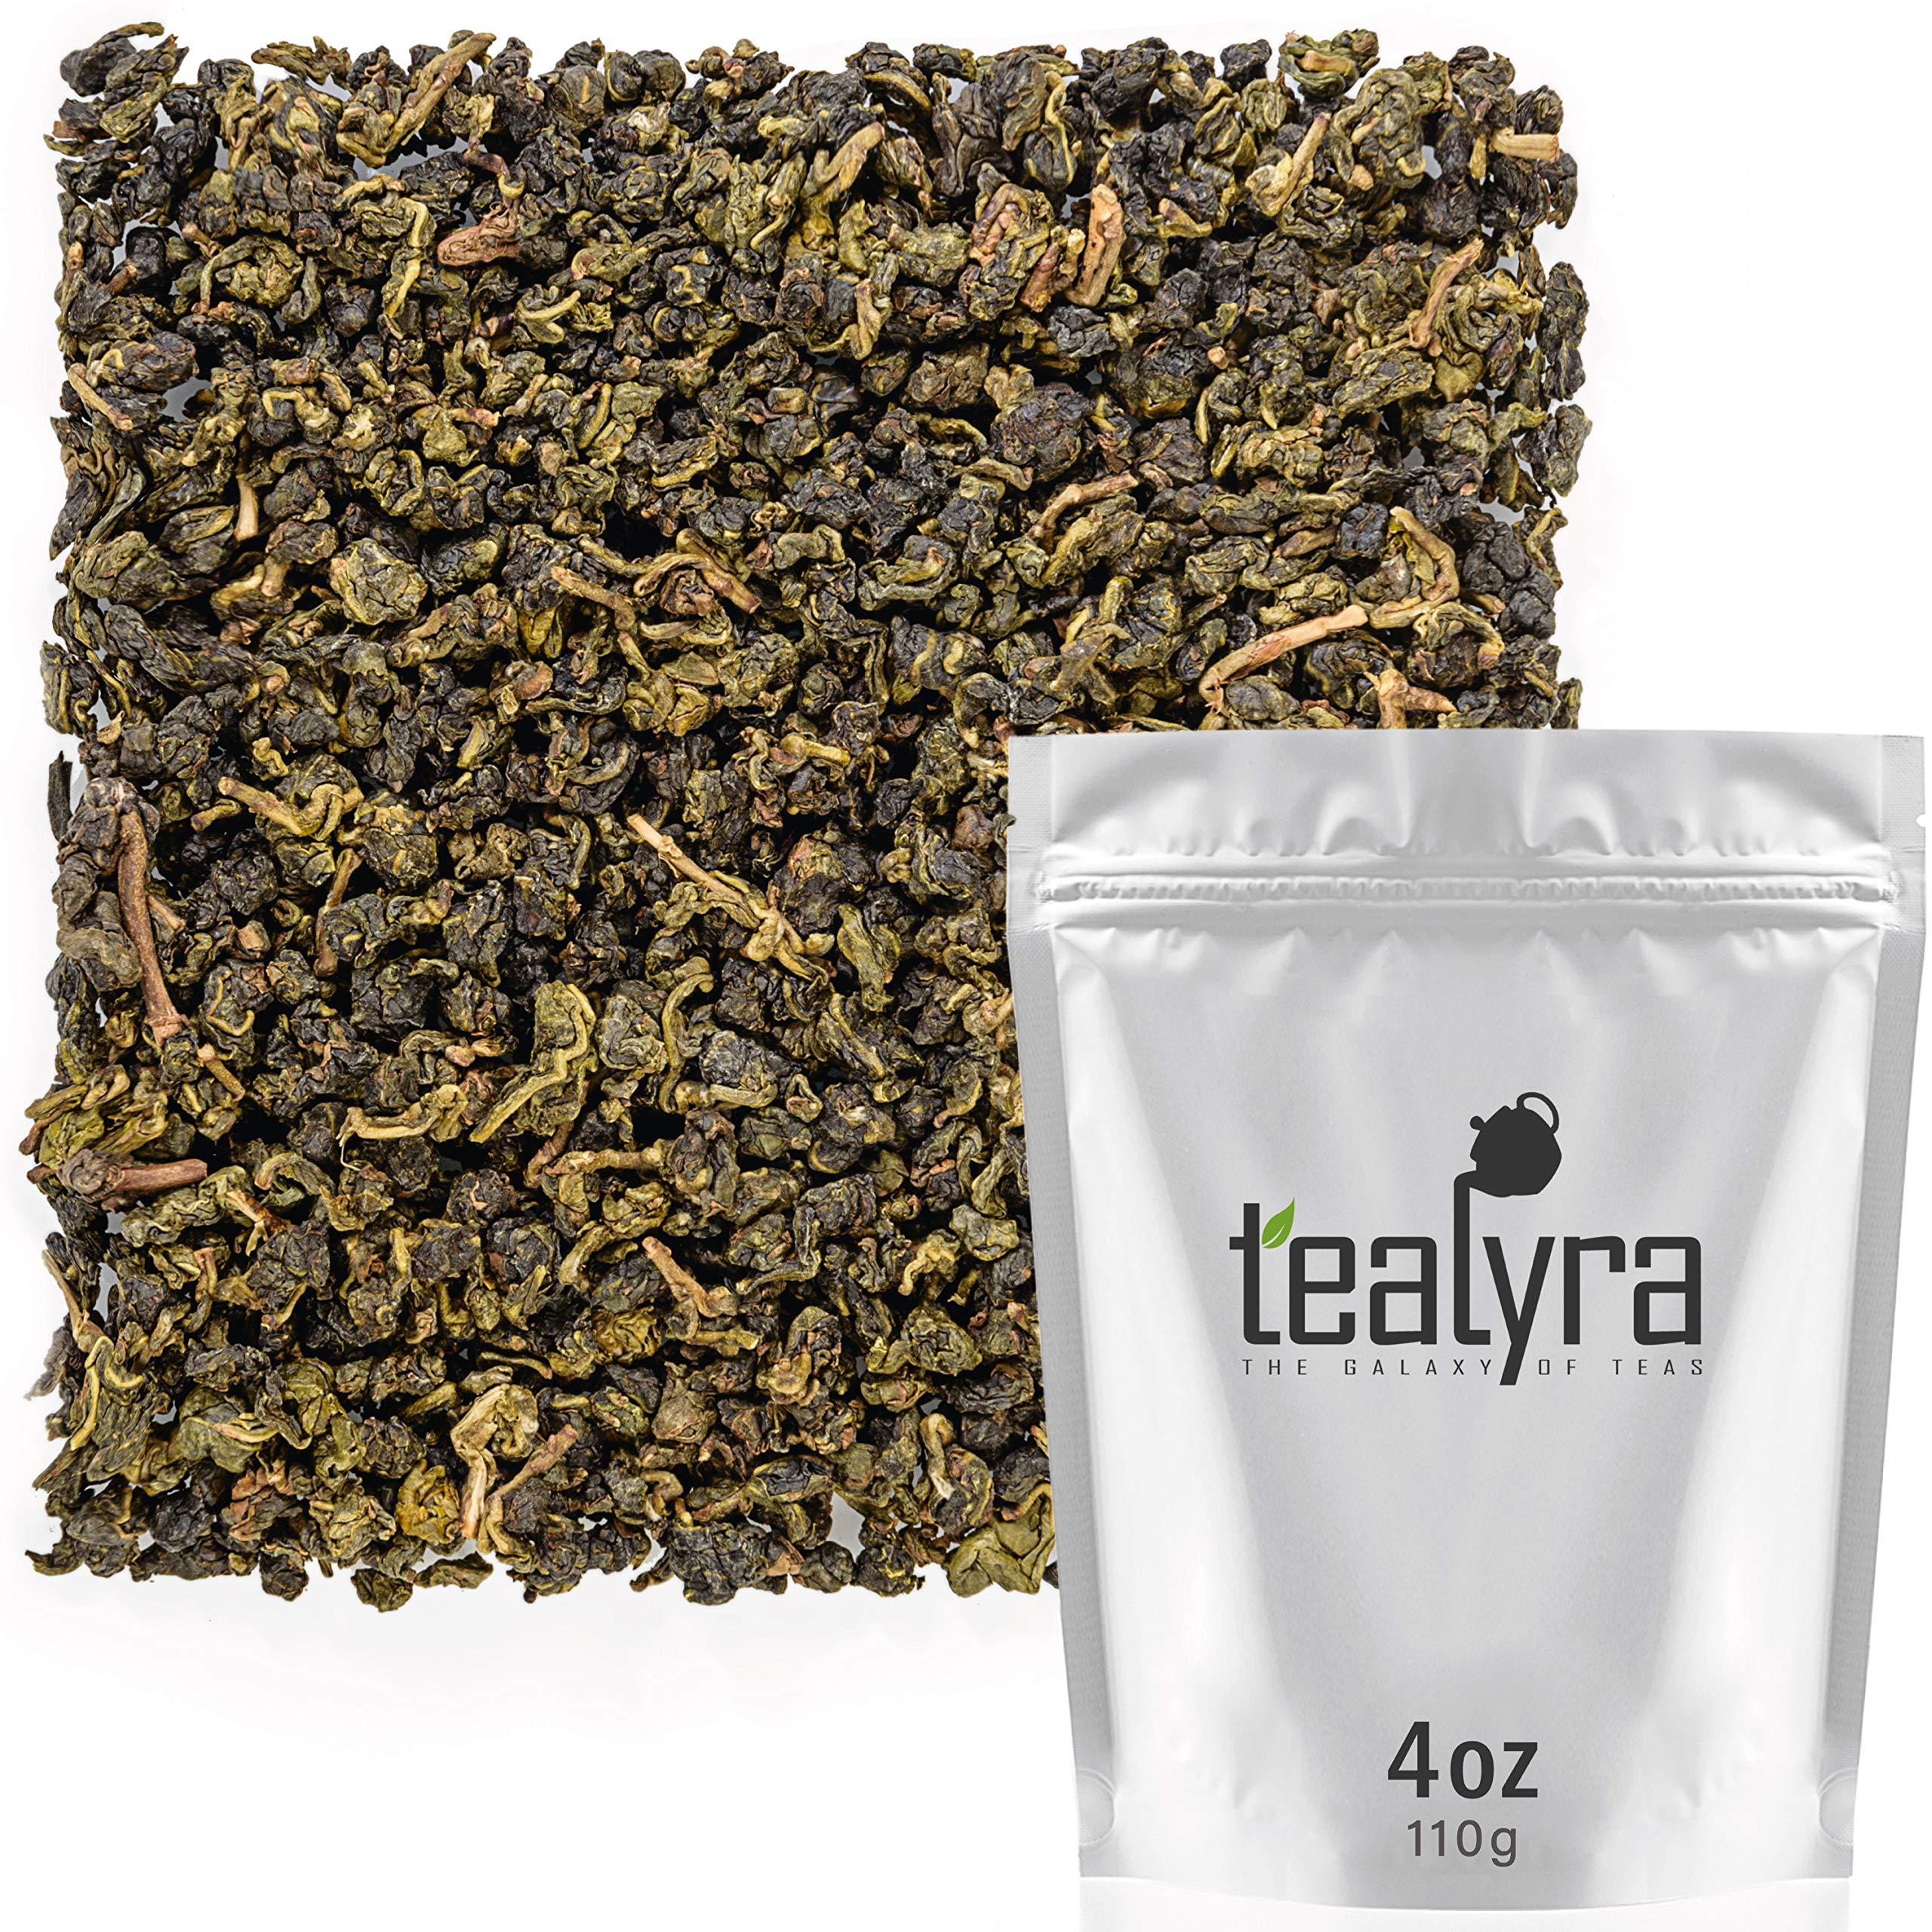 Tealyra - Jade Taiwanese Formosa Oolong - Loose Leaf Tea - Best Oolong Teas from Taiwan - Naturally Grown - Caffeine Medium - 110g (4-ounce) by Tealyra